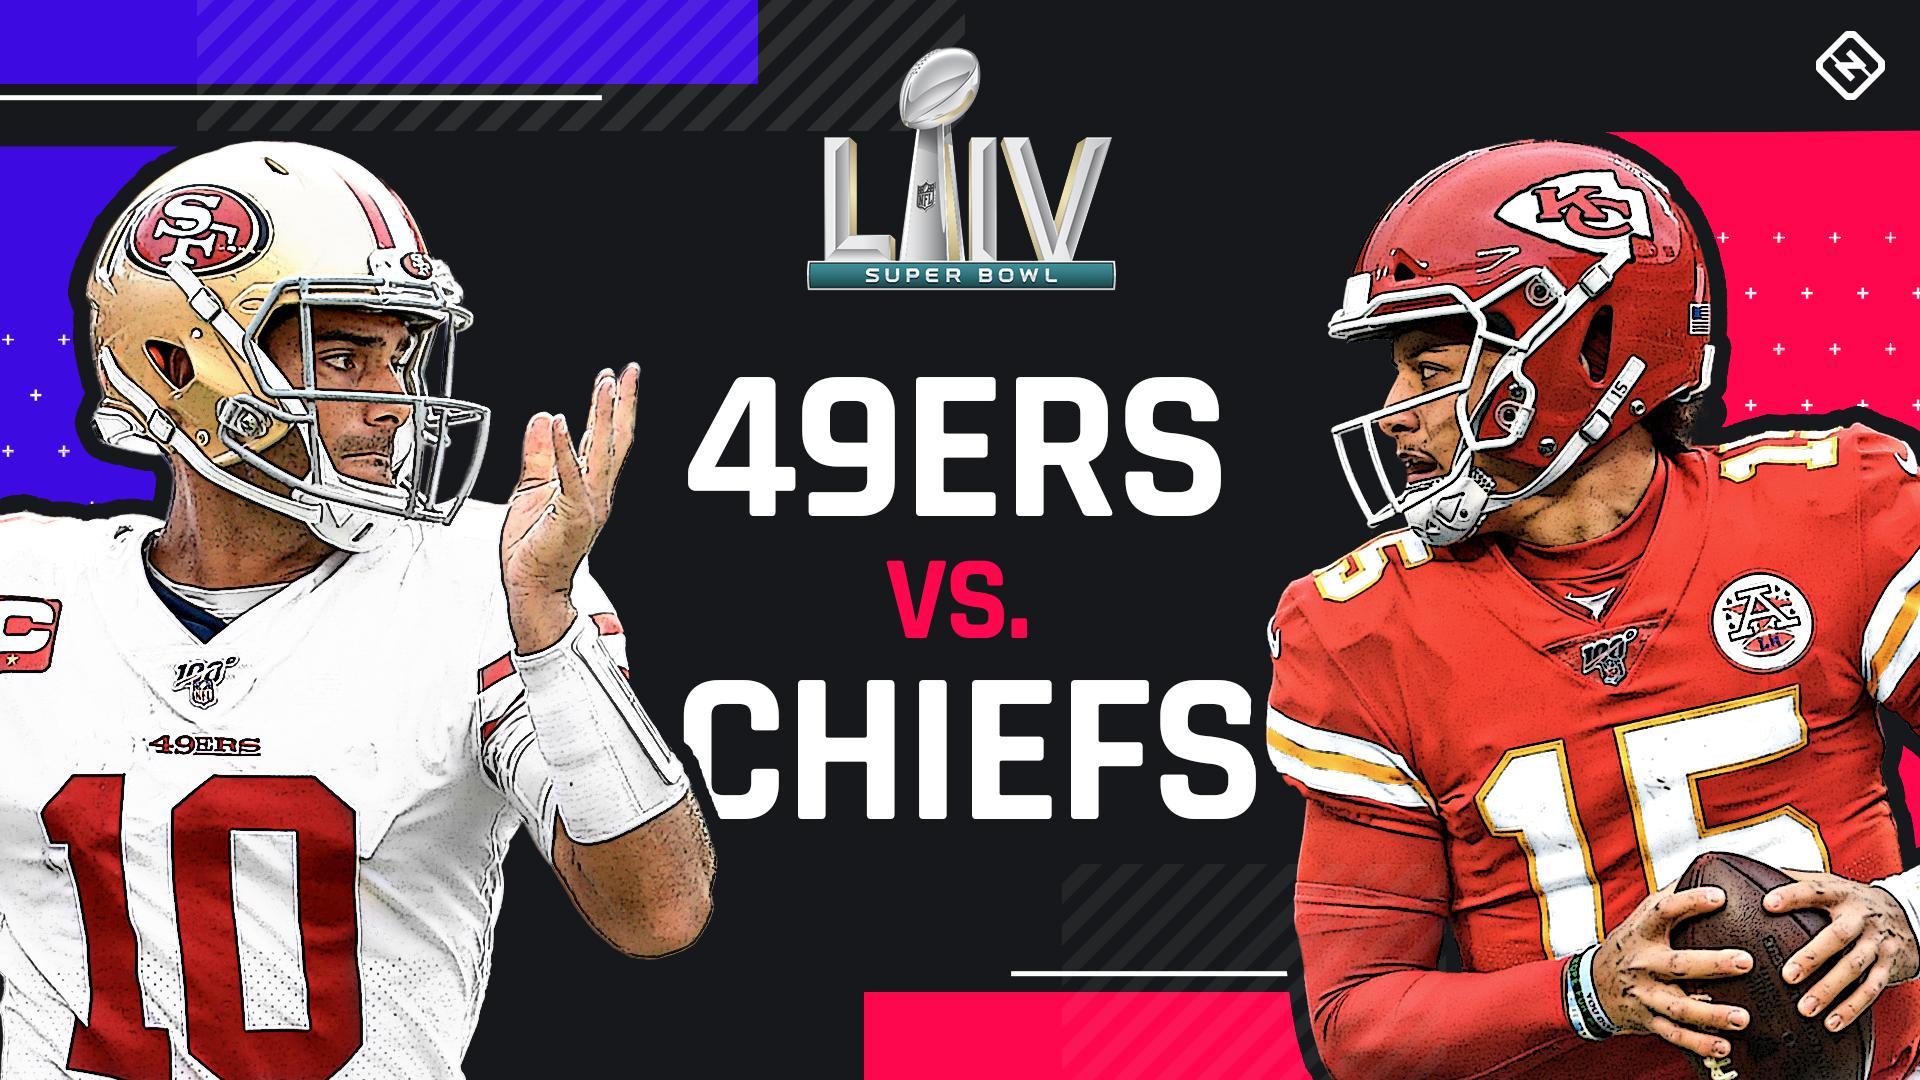 Cuotas del Super Bowl 2020, línea: selecciones de 49ers vs. Chiefs, predicciones de expertos de SN 2